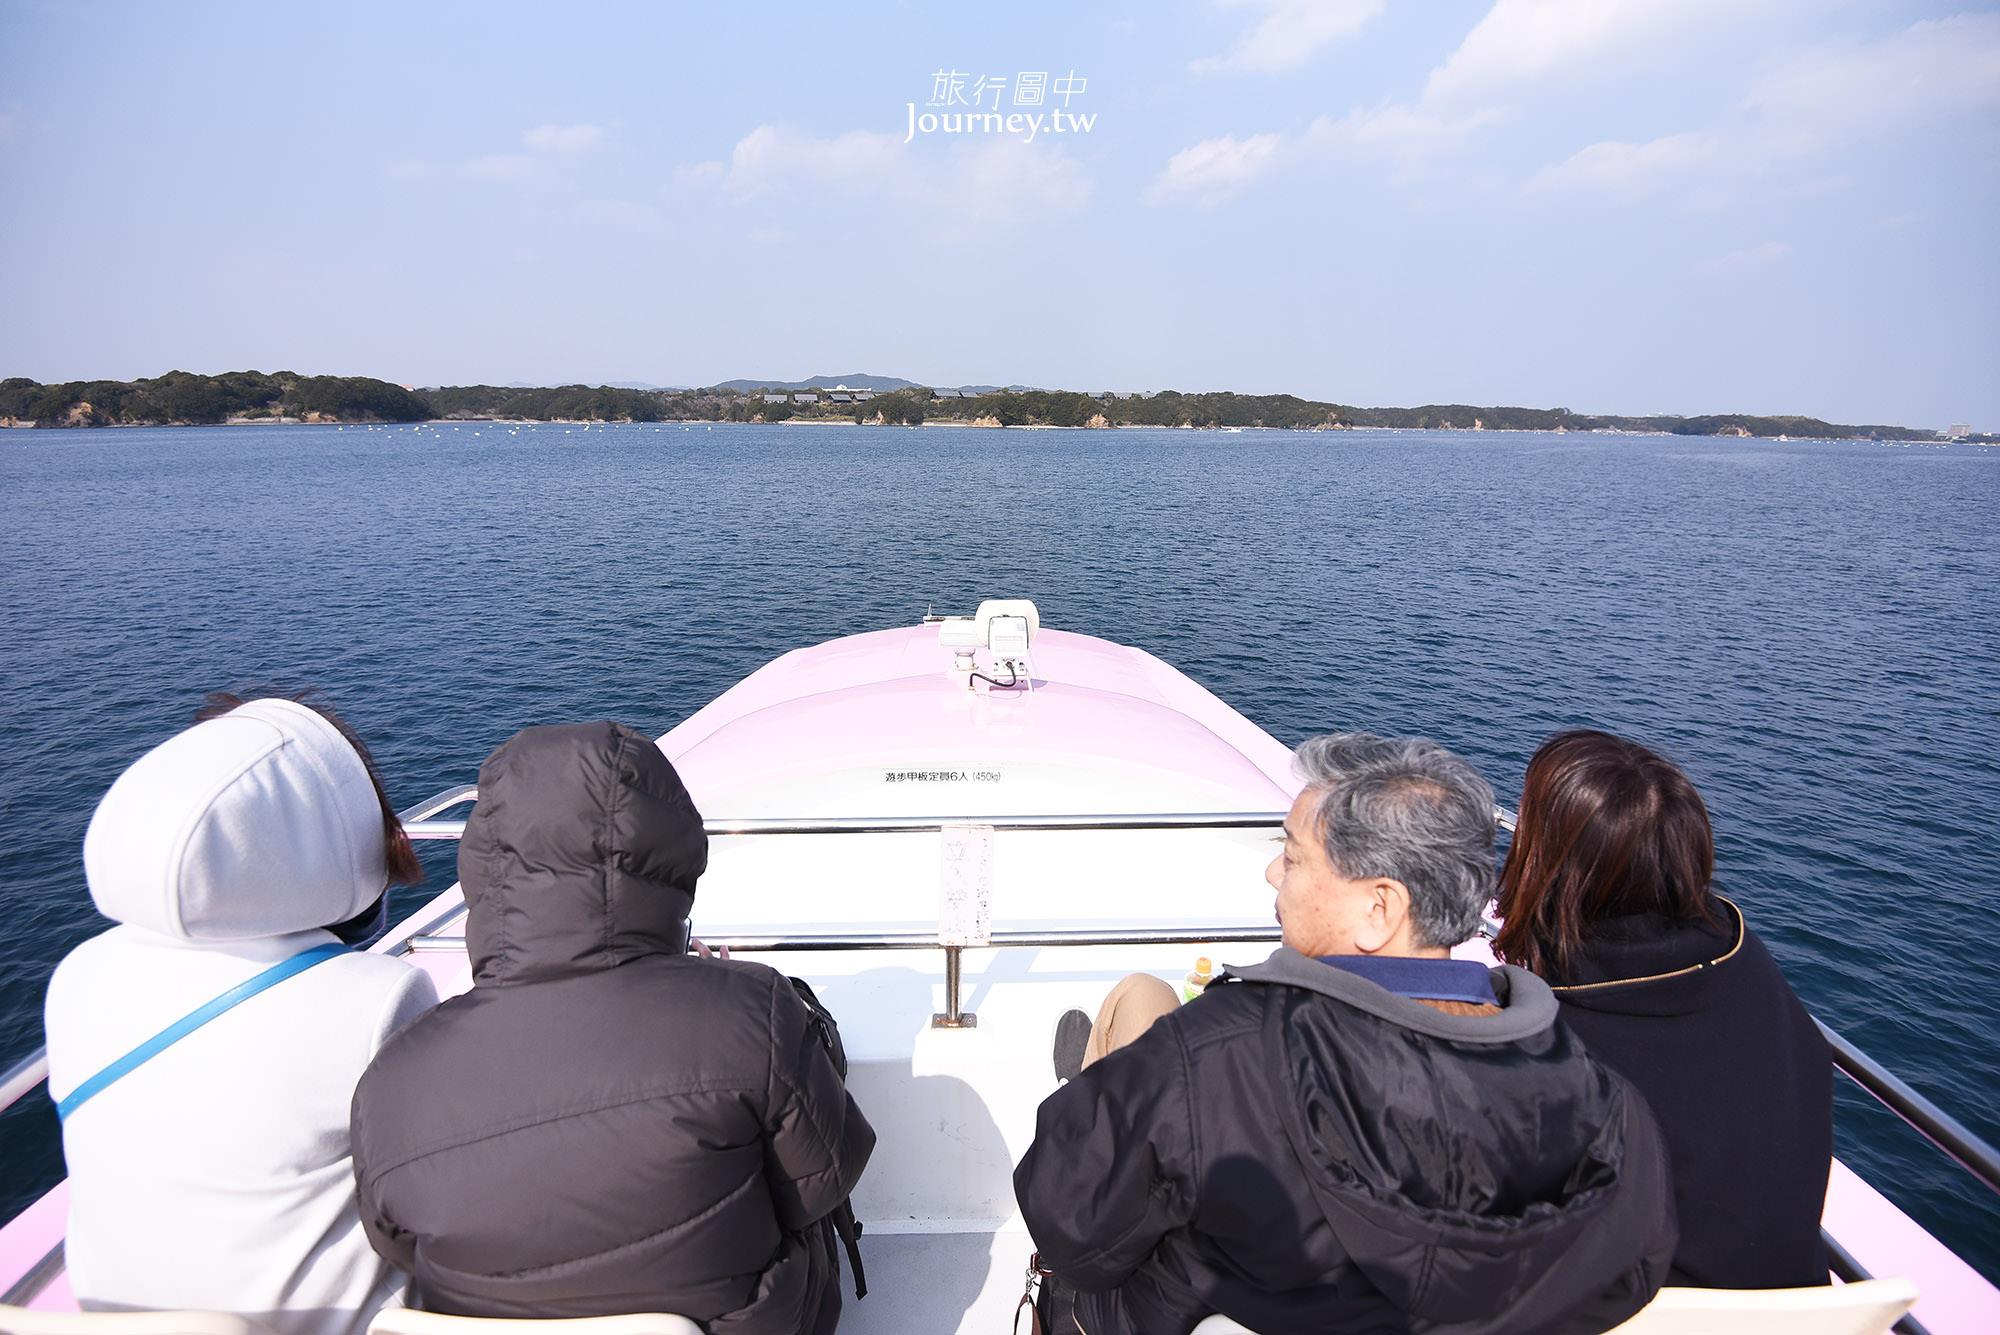 日本,三重,賢島,英虞灣,西班牙周遊船,エスパーニャクルーズ